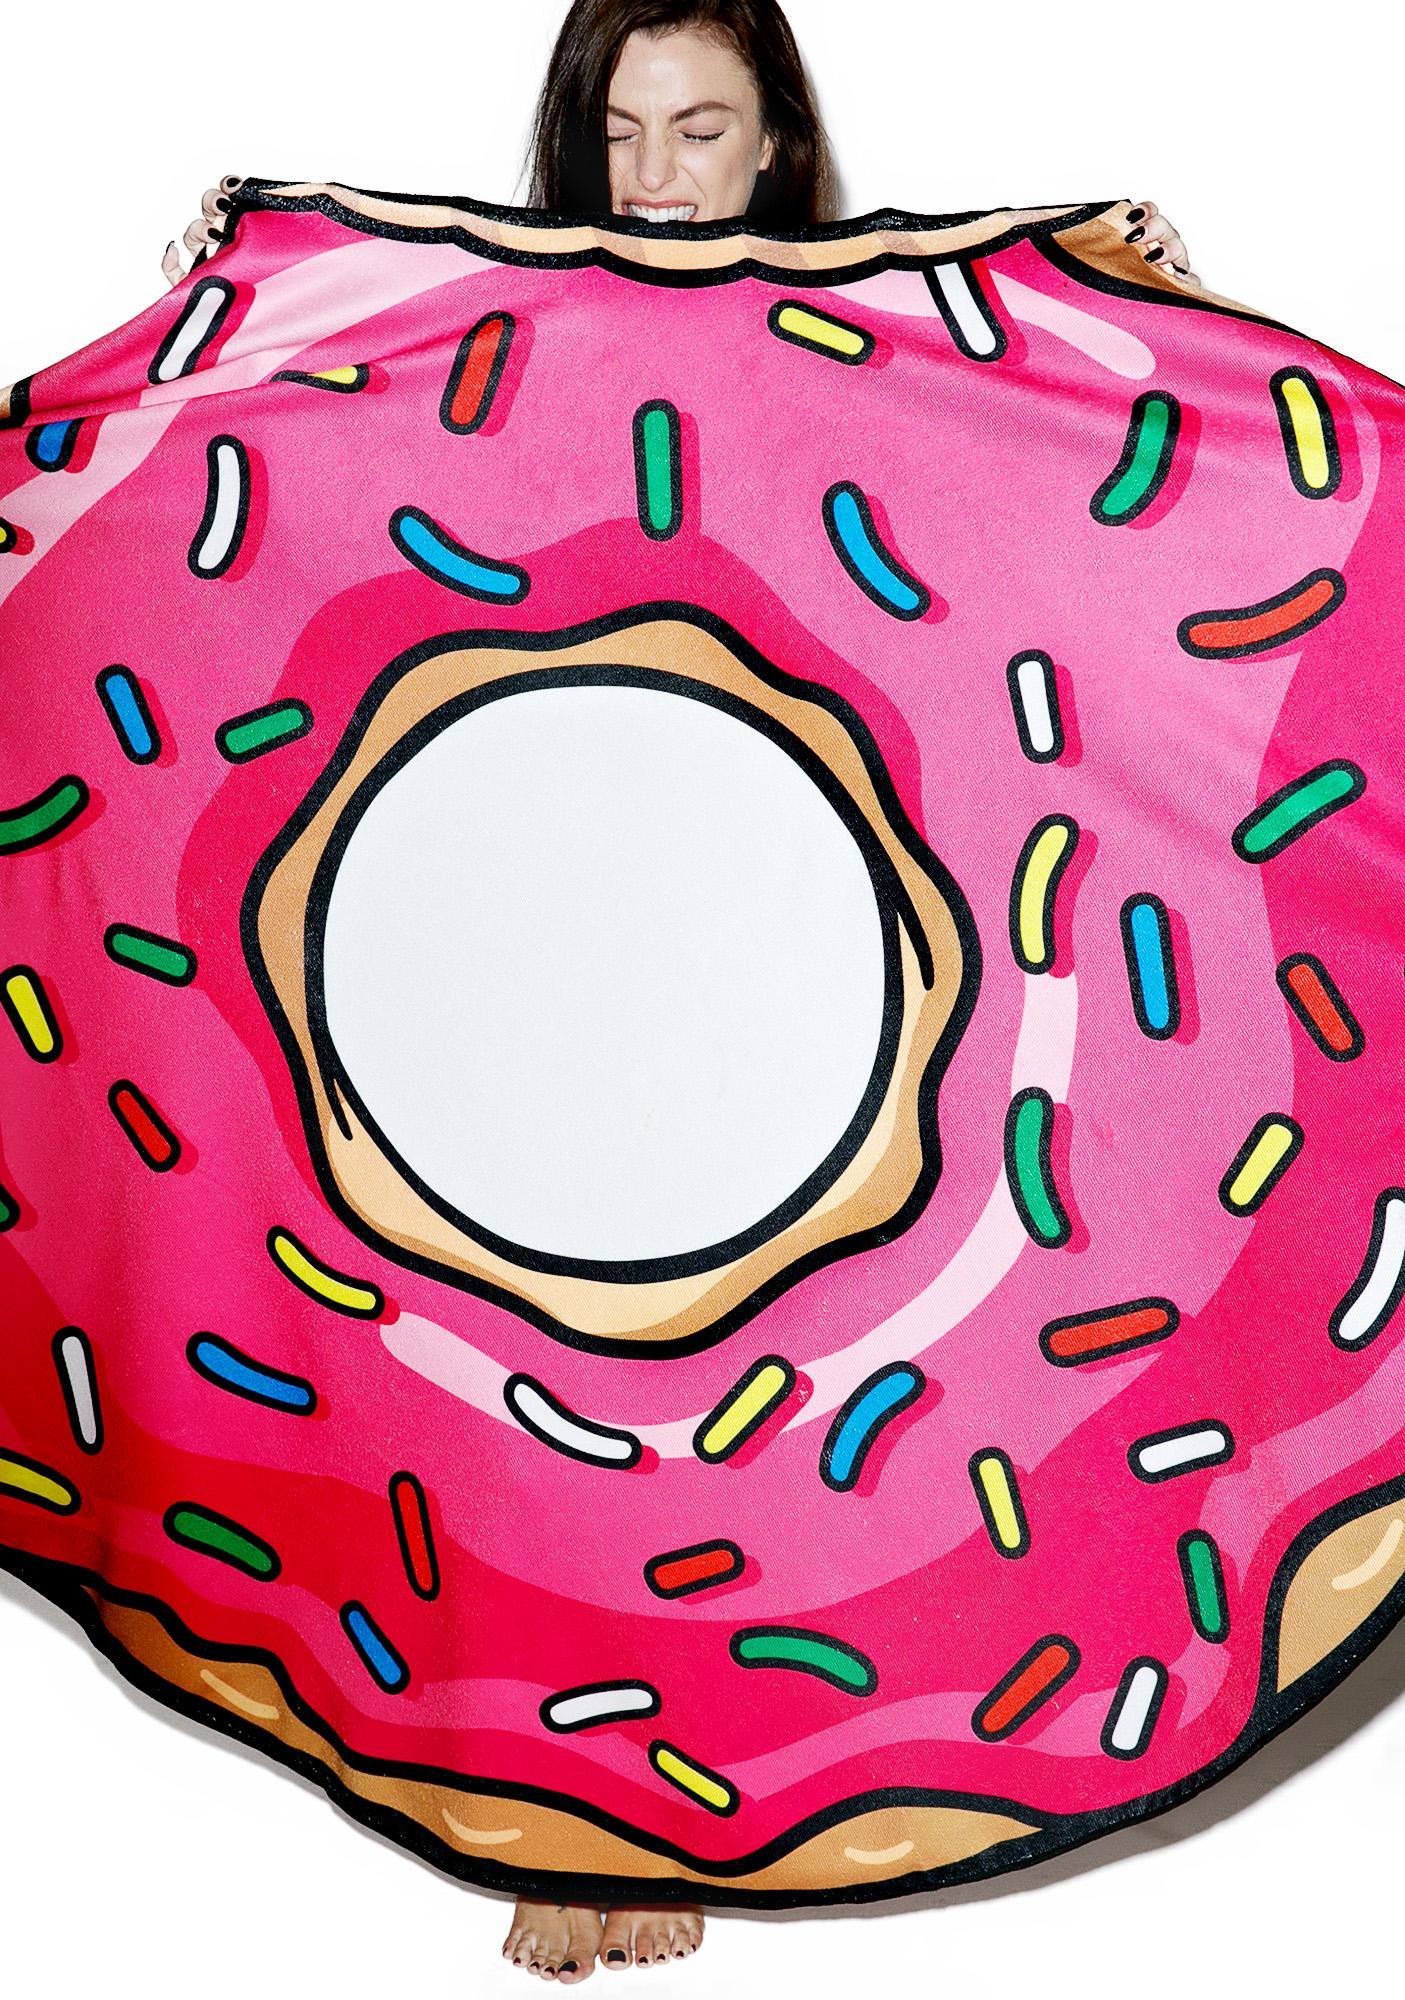 Randy's Donut Beach Towel